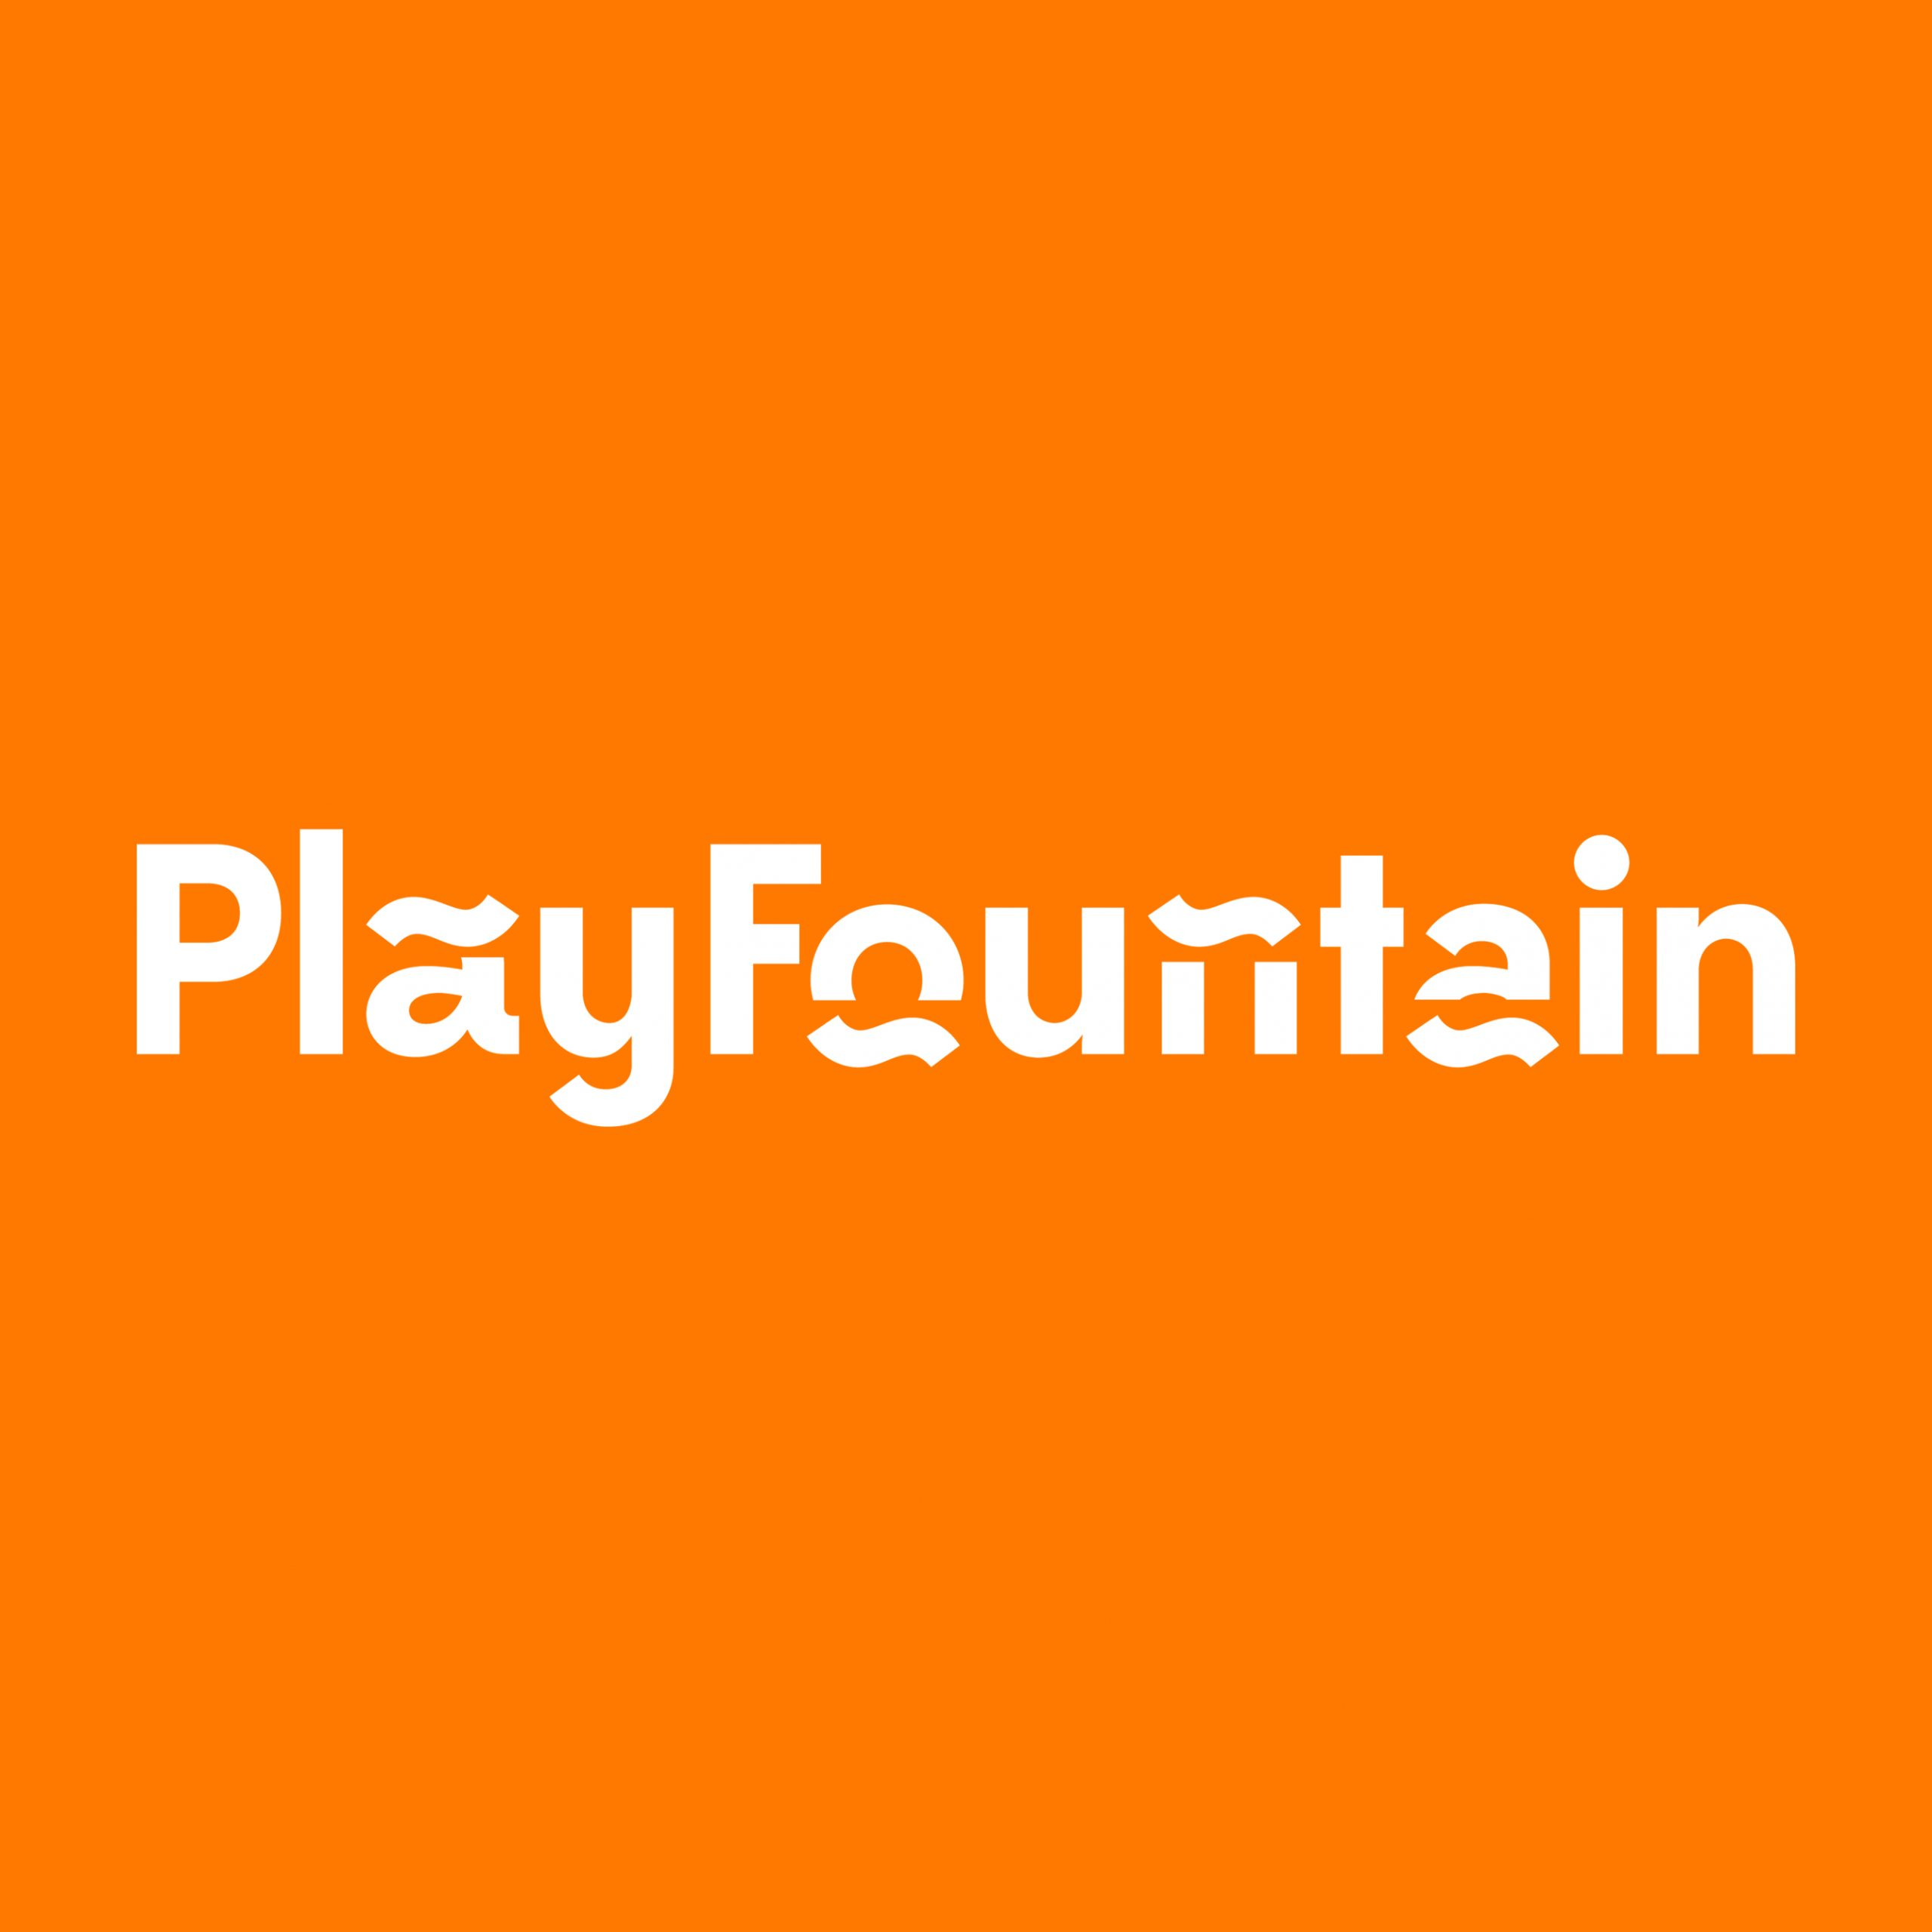 PlayFountain